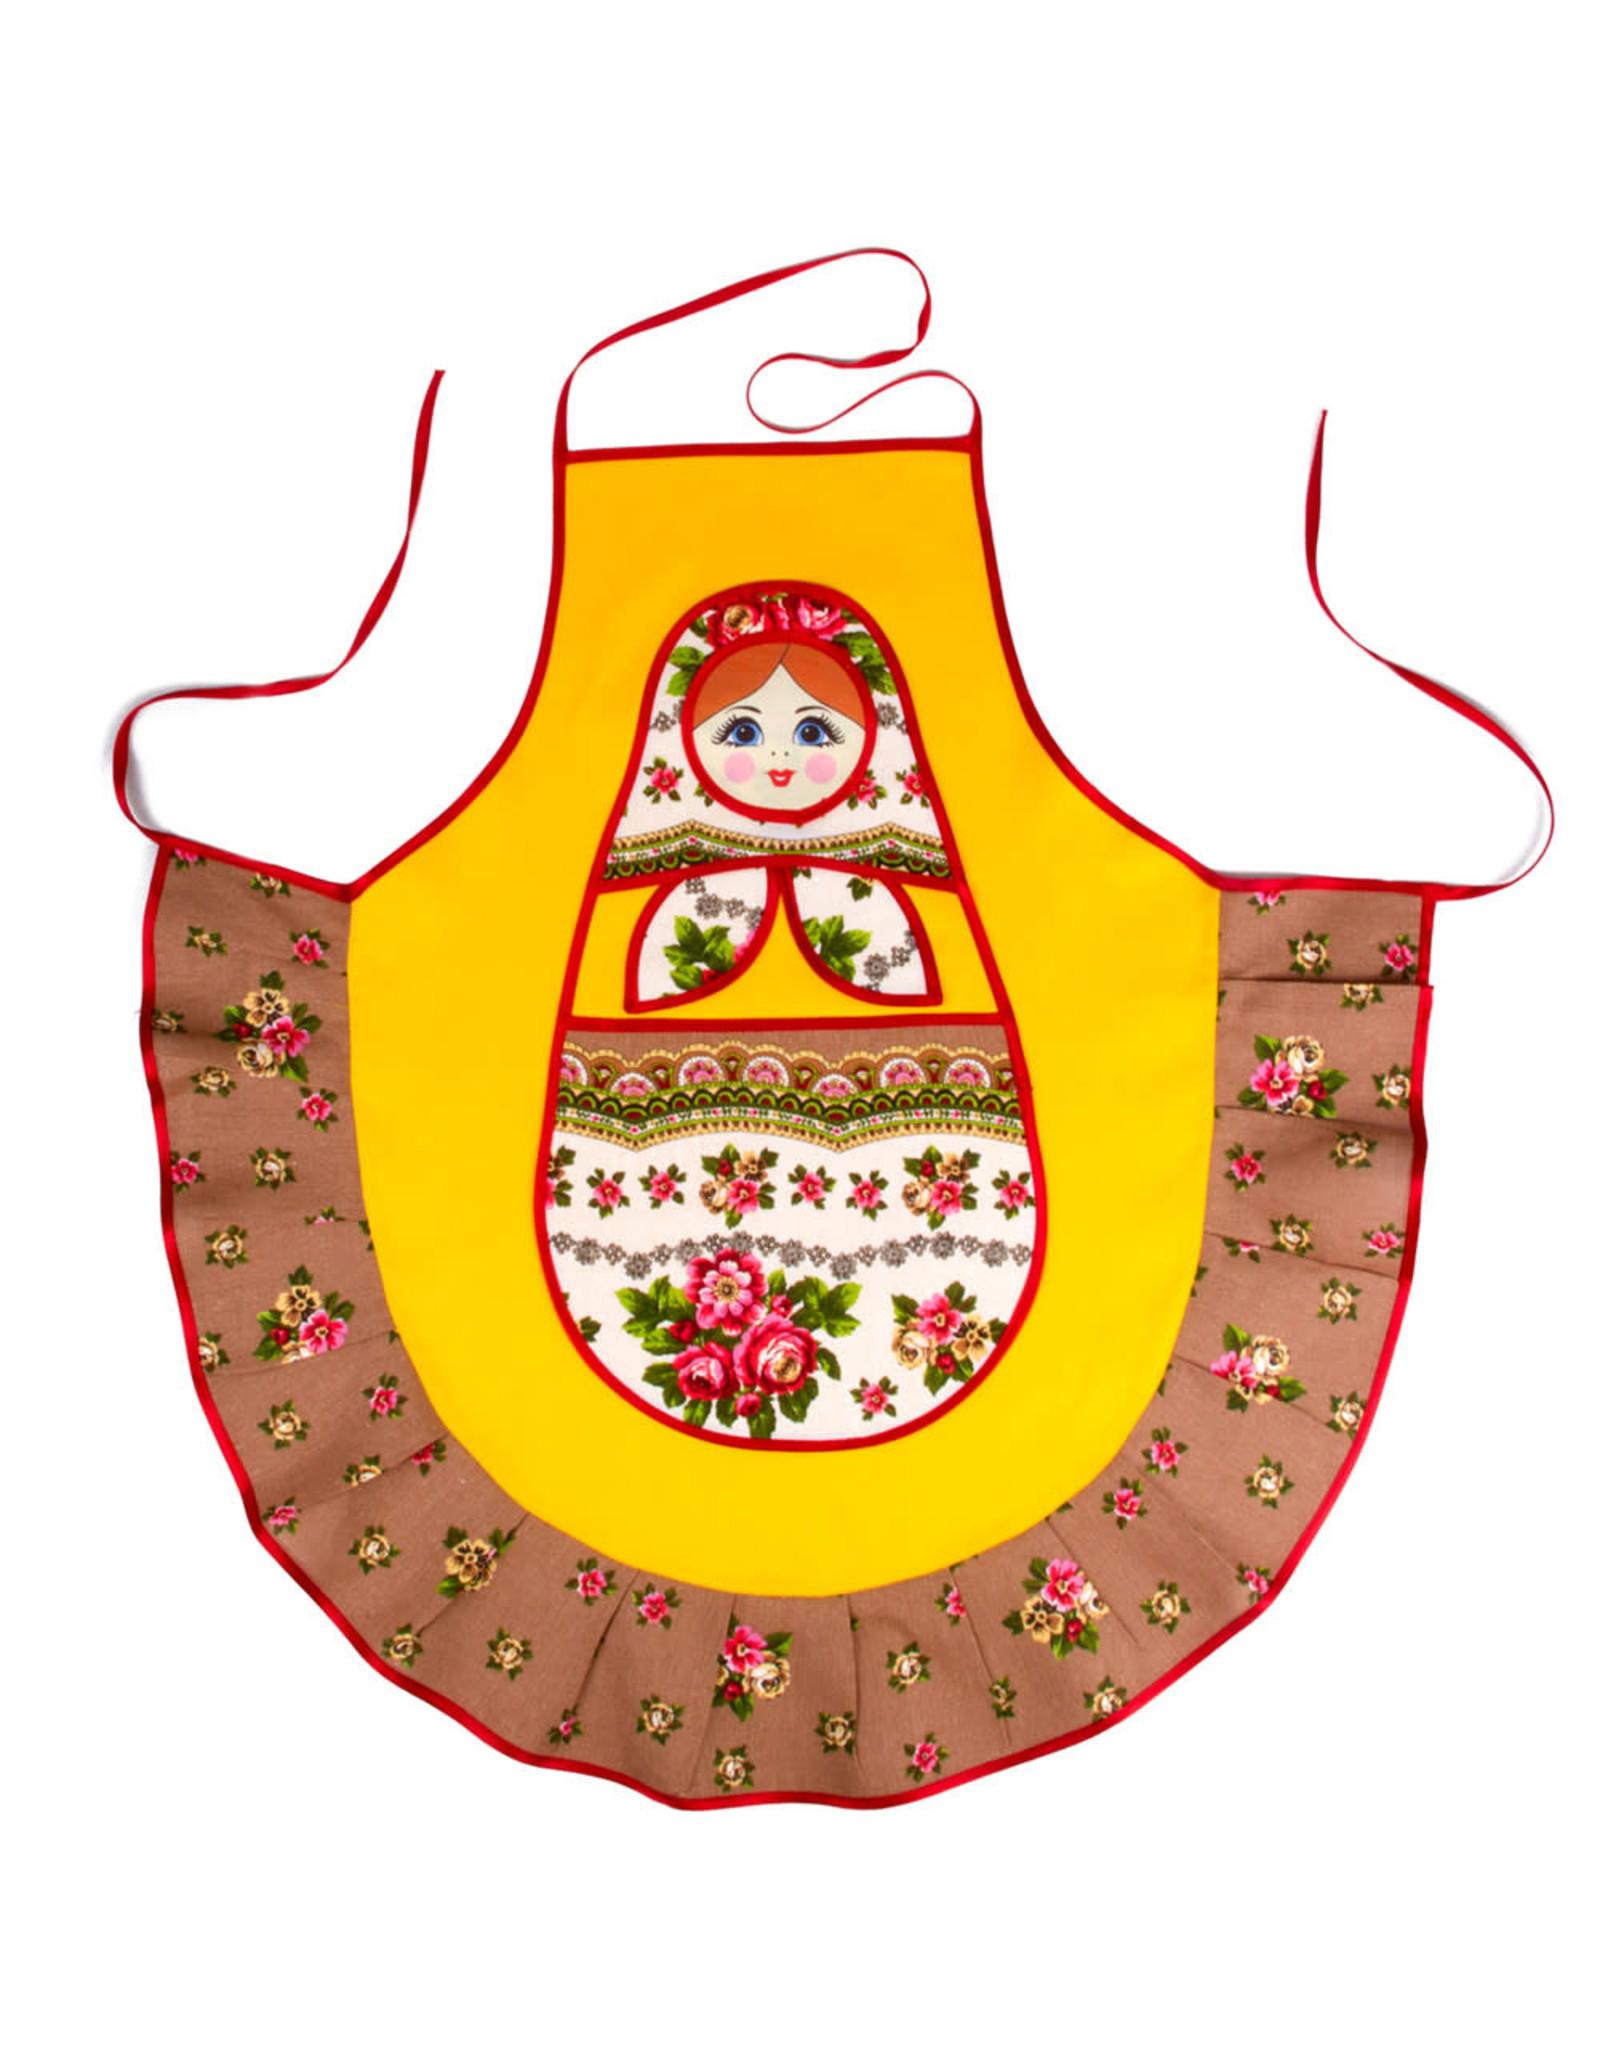 Фартук ''Матрешка-сударушка'' (желтый)